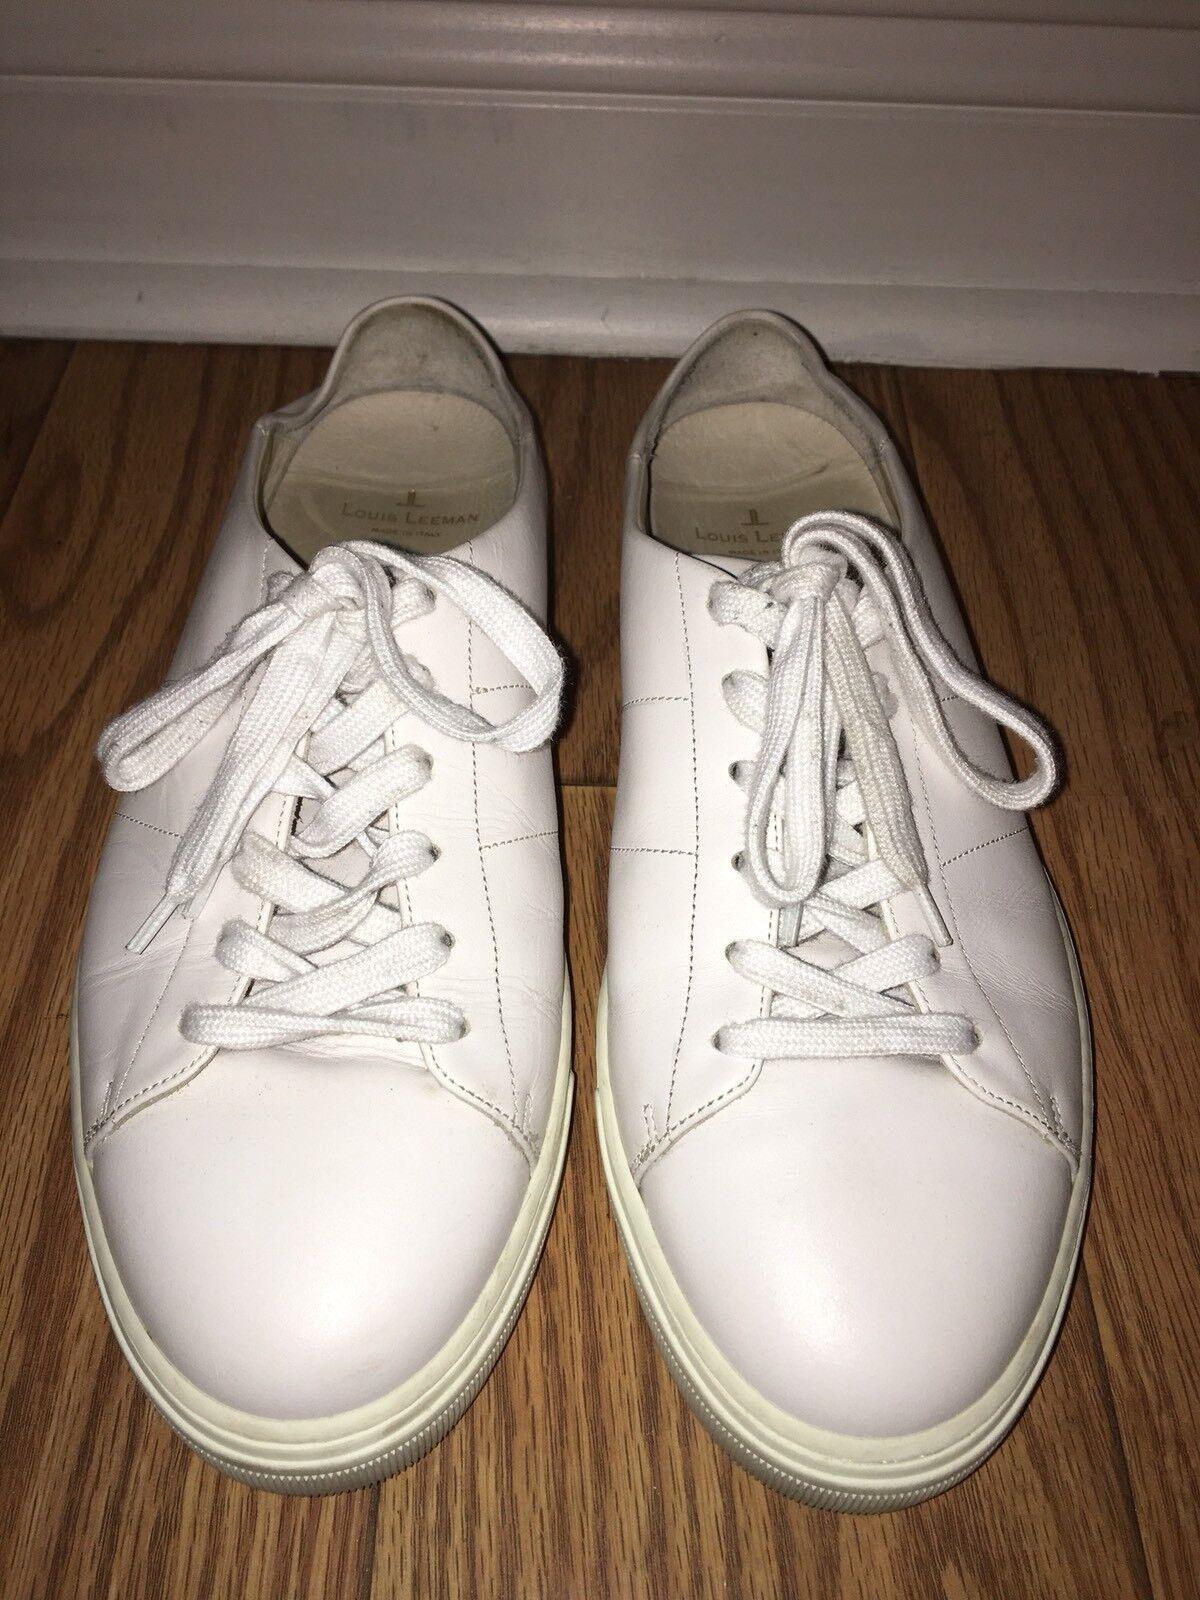 Louis Leemam Uomo Fashion 10  White Pelle Size 43 Euro 10 Fashion Us Mint Conditi 61e4eb